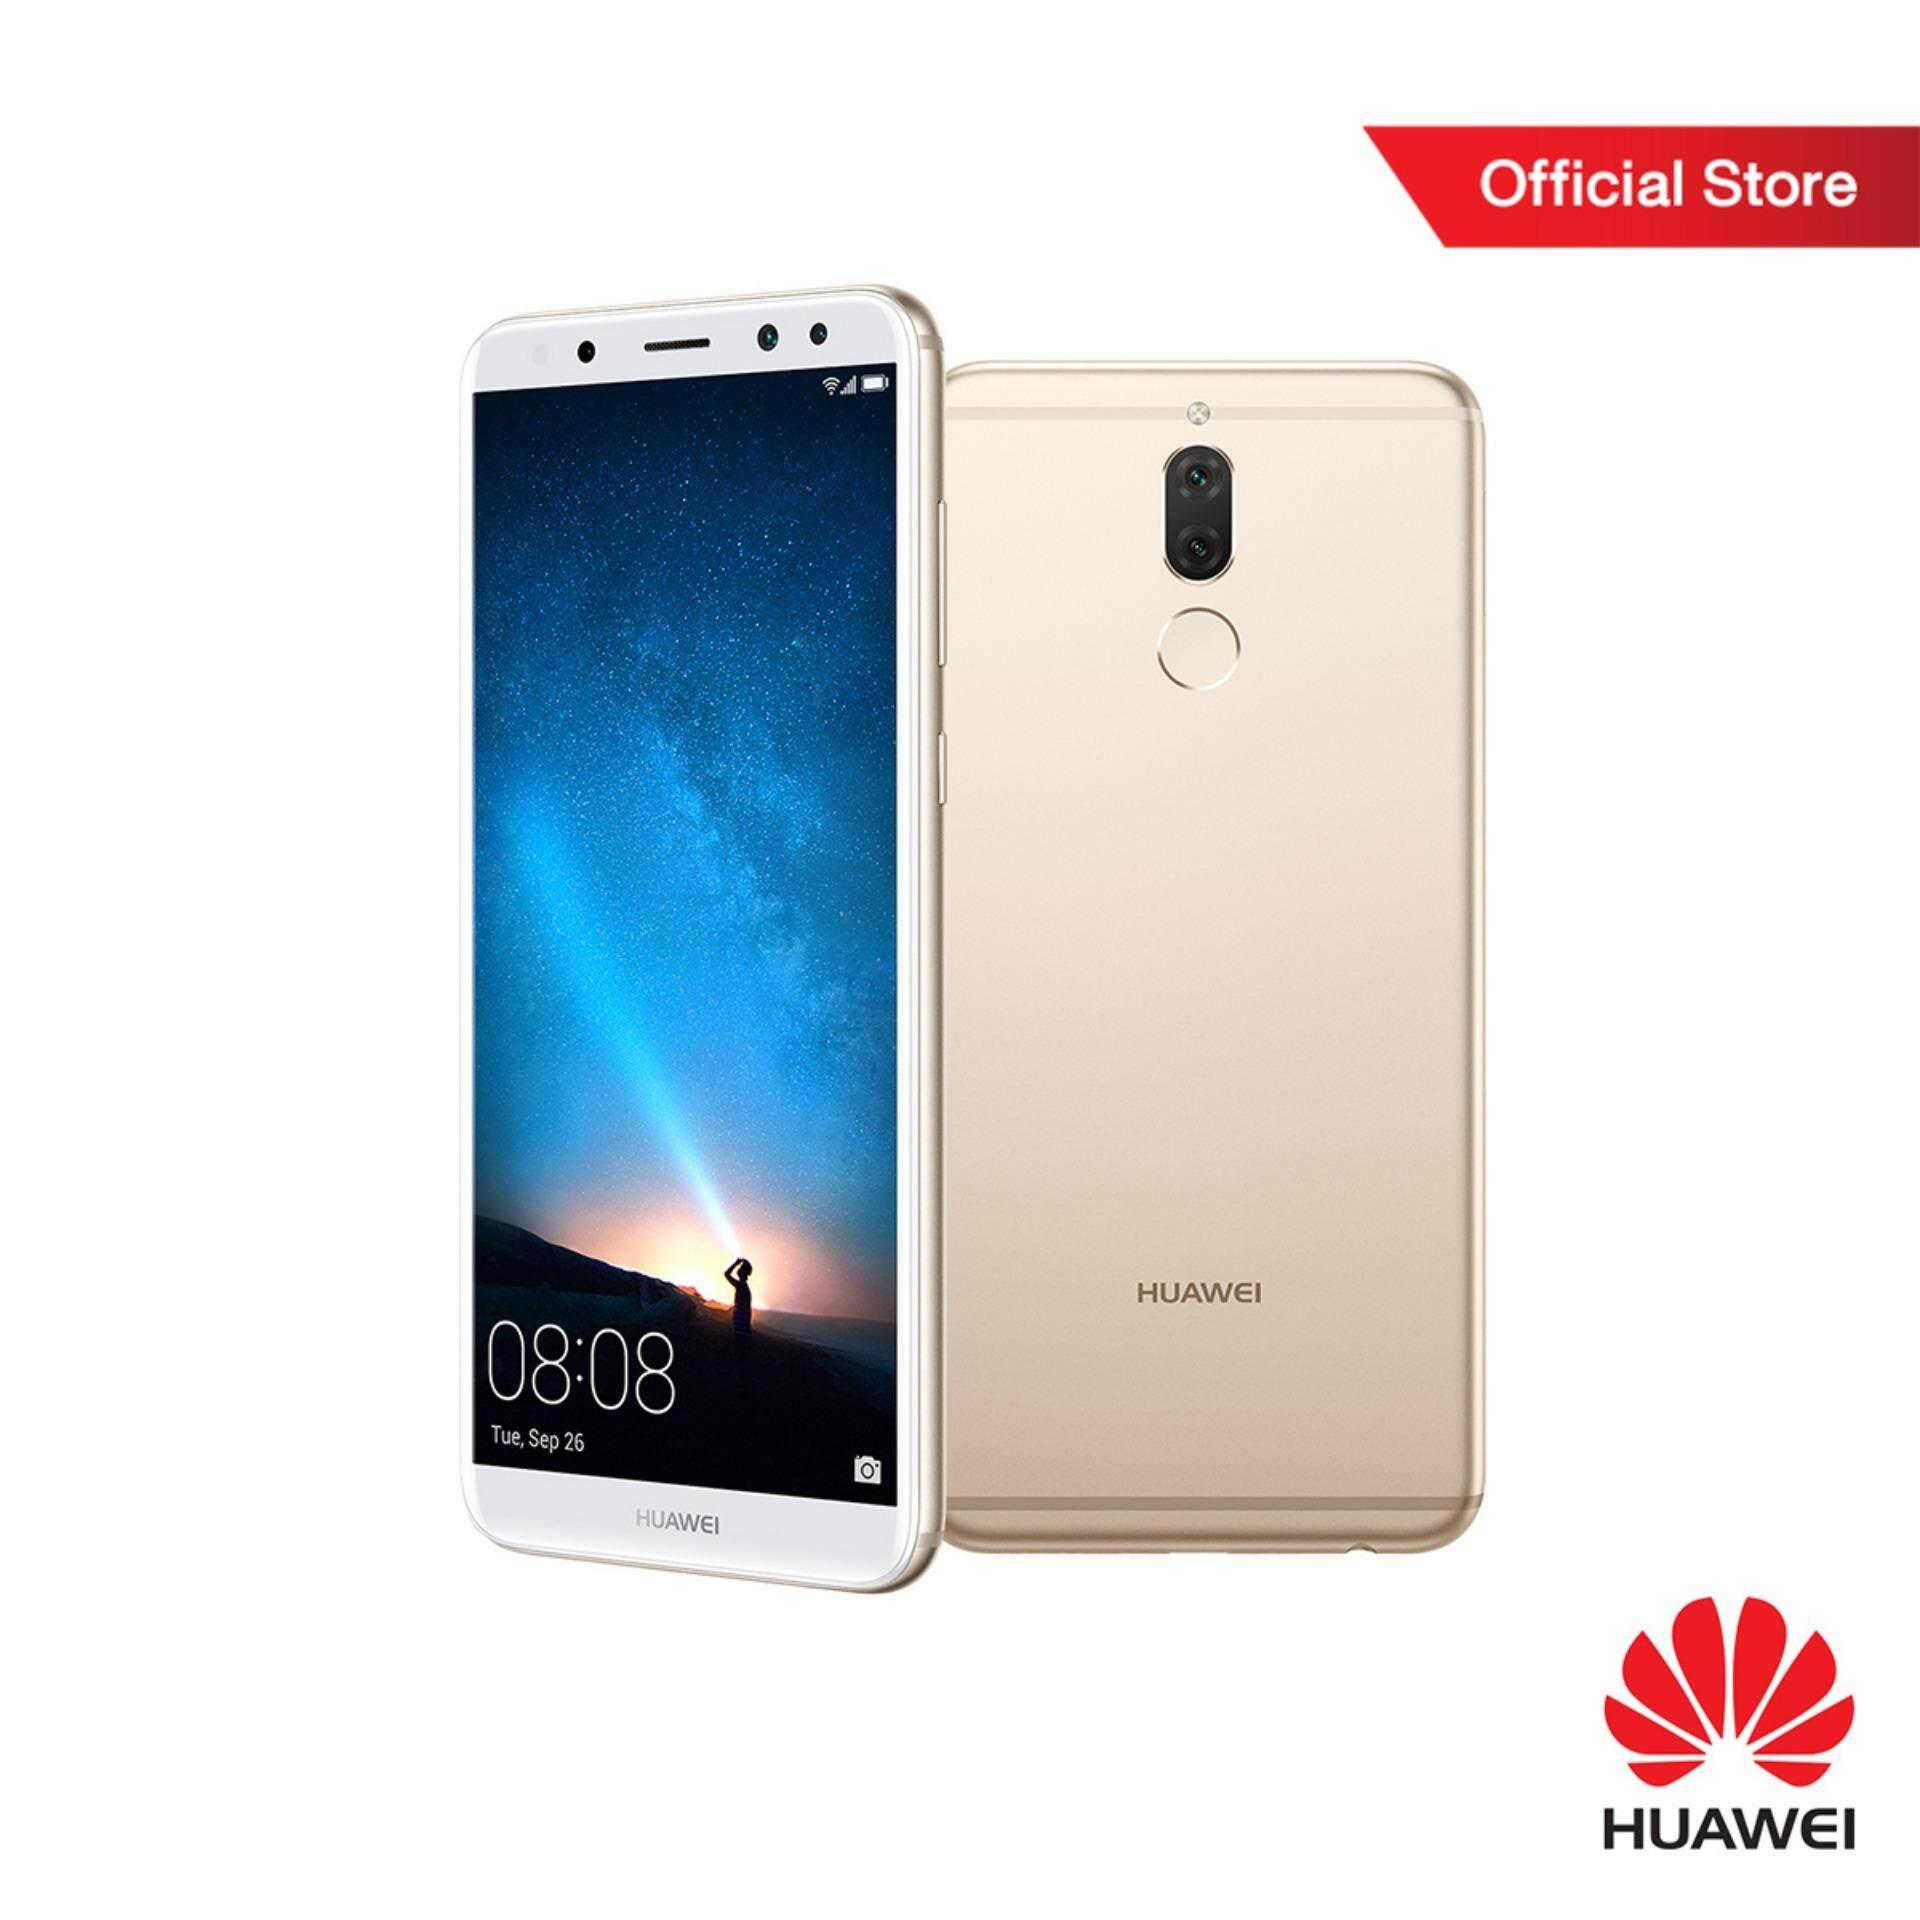 ขาย Huawei Nova 2I 64Gb Prestige Gold เป็นต้นฉบับ